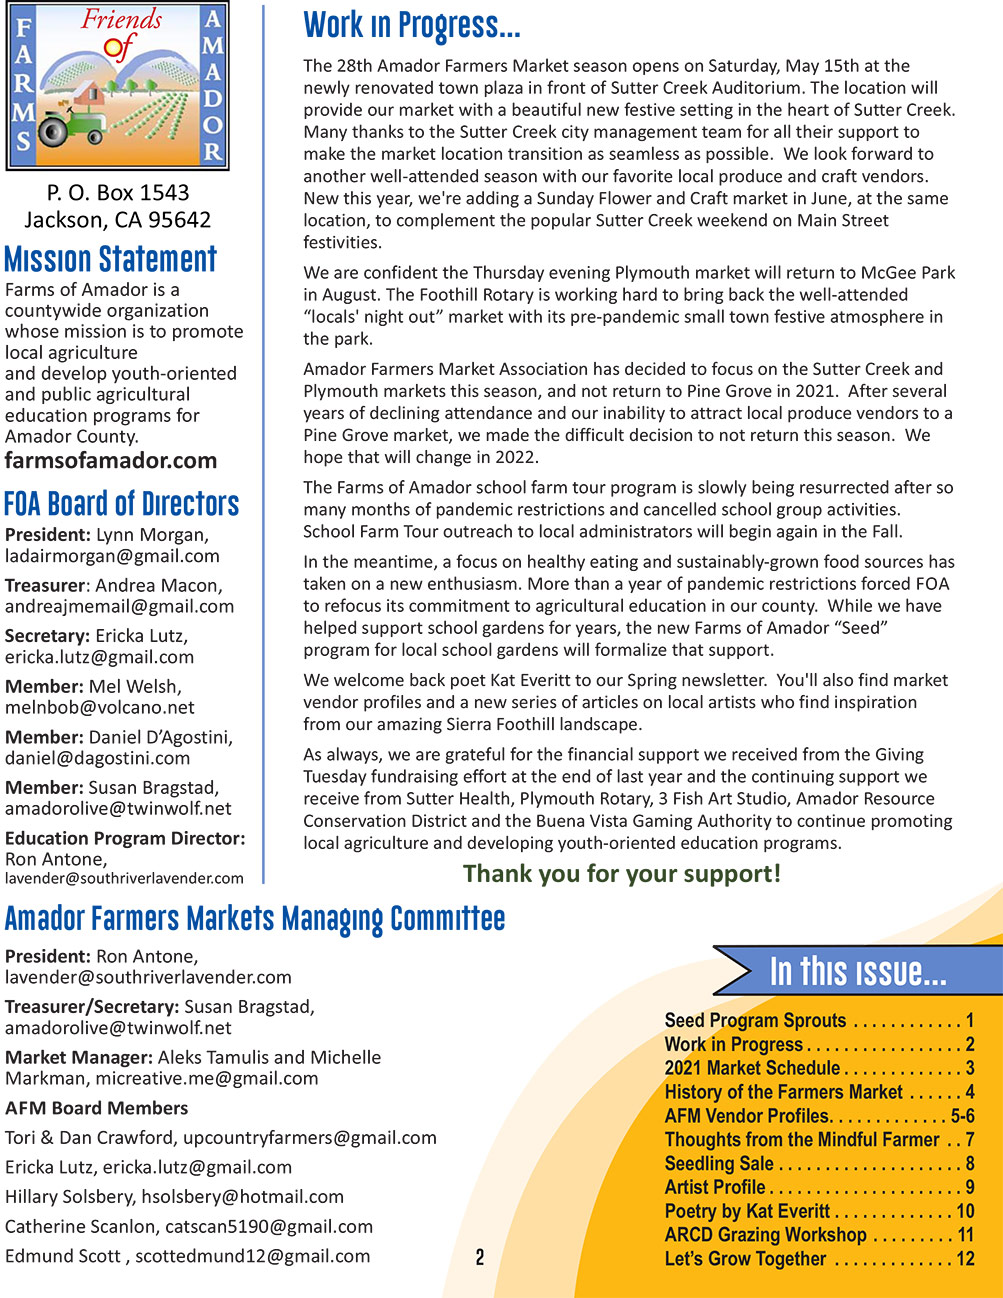 foa spring newsletter pg 2